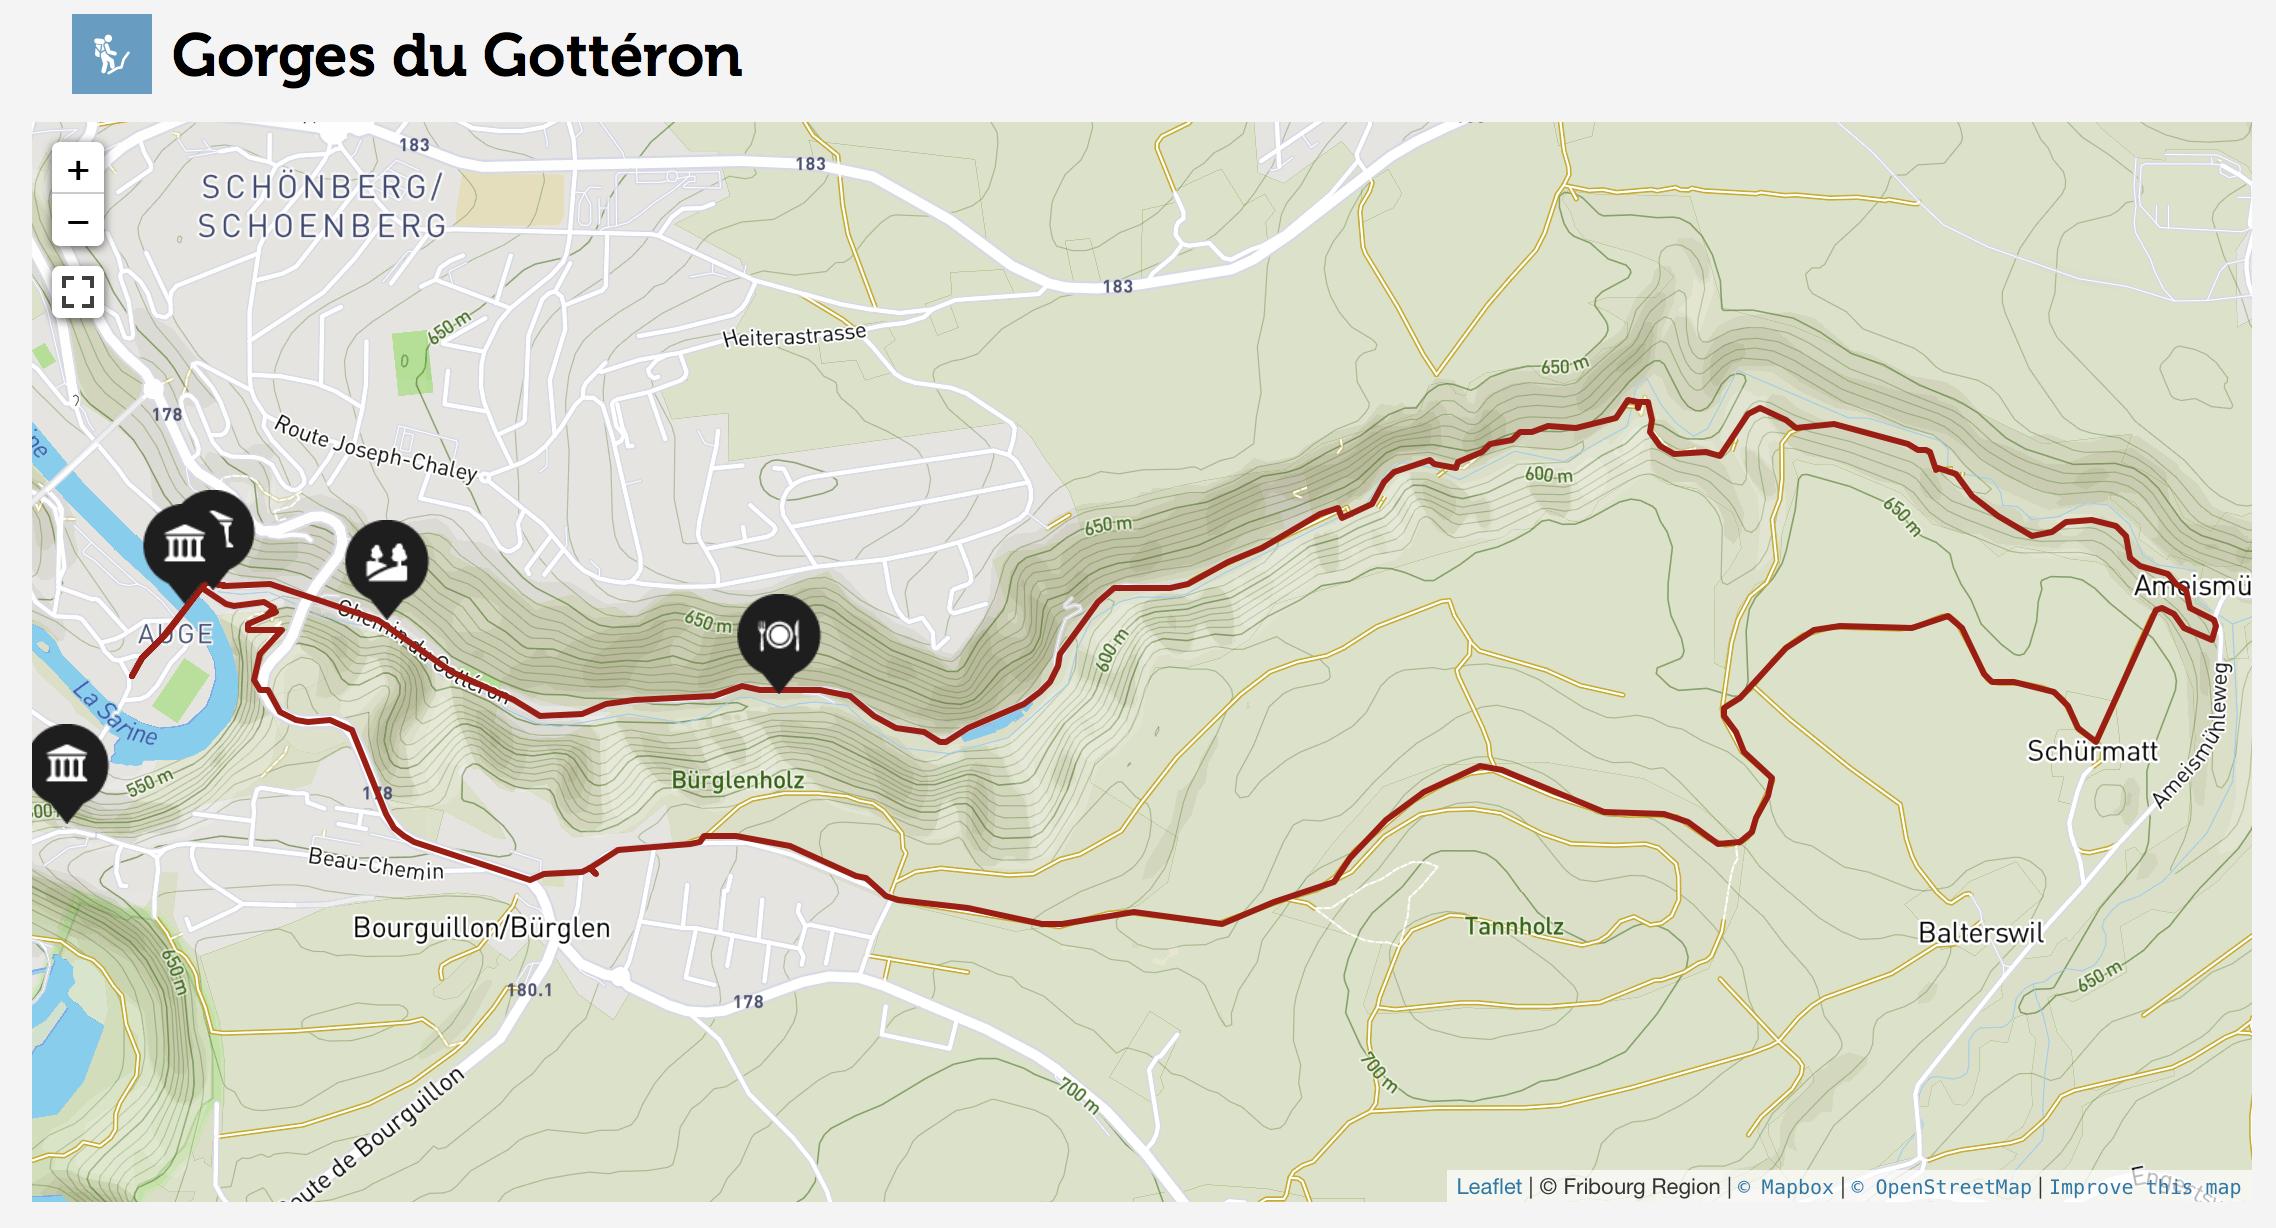 Gorges du Gottéron - caminhada em Fribourg